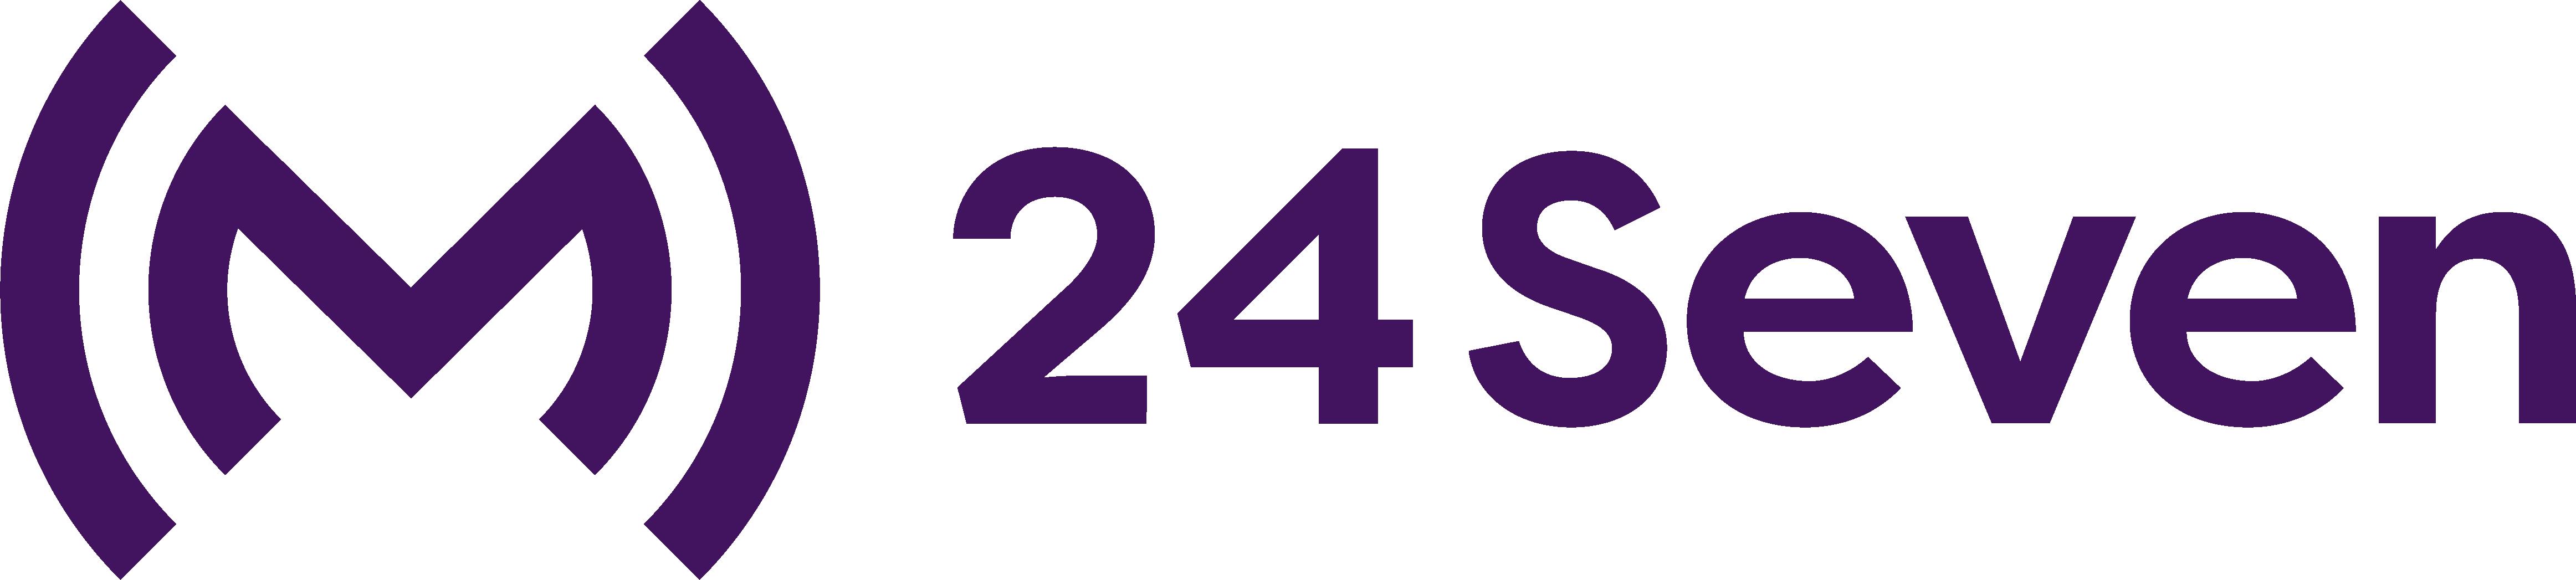 Read M24Seven Reviews